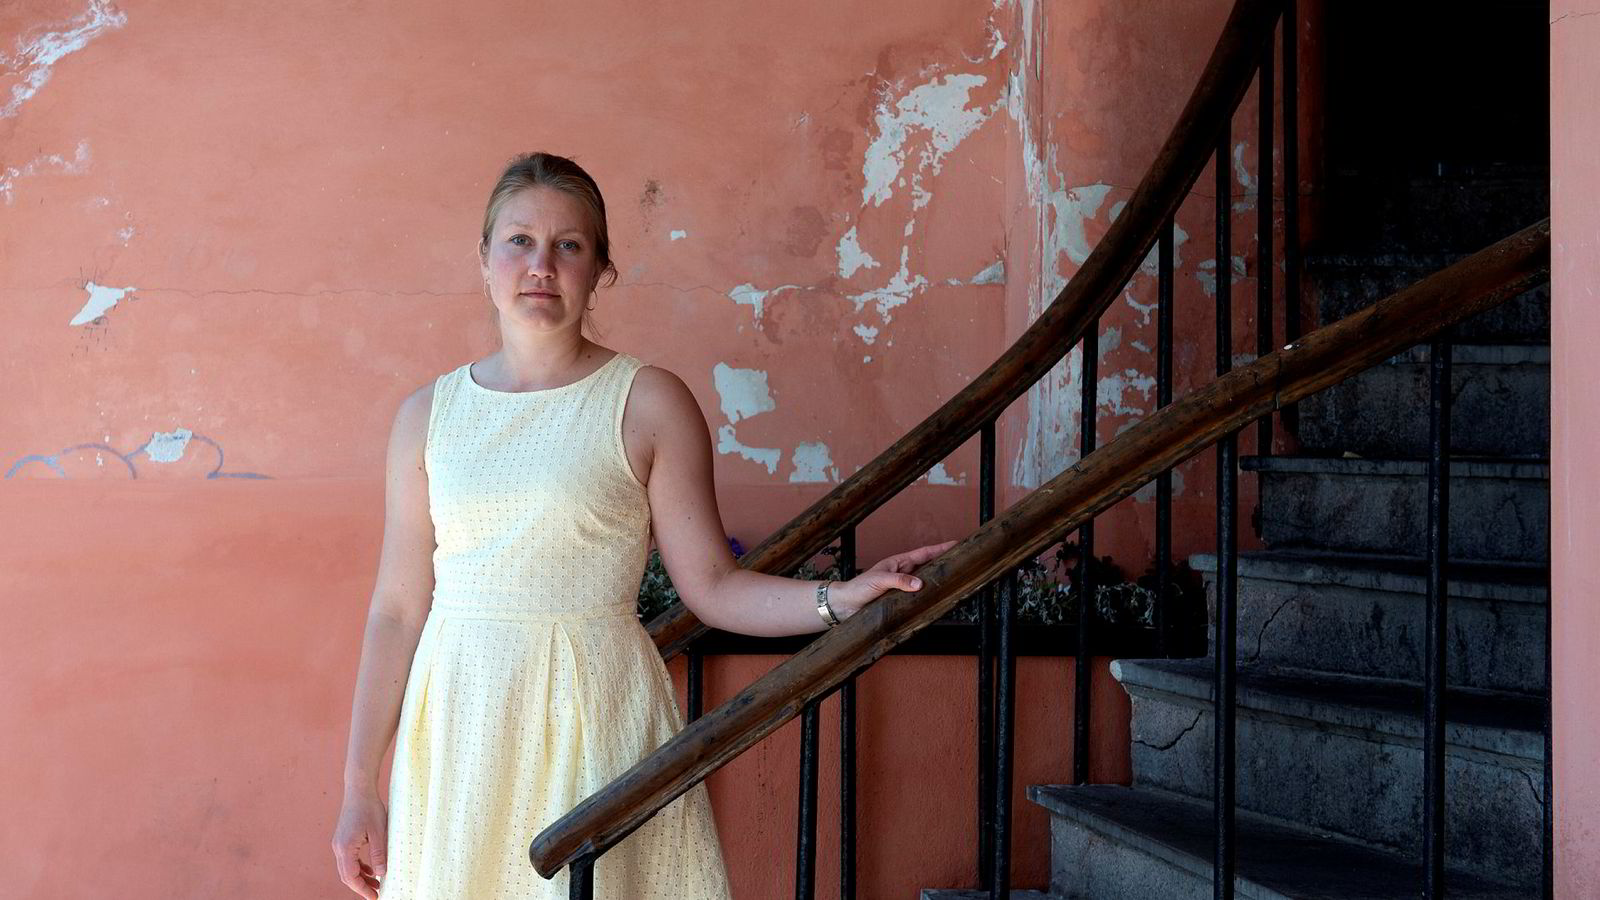 Tina Storsletten Nordstrøm, advokat i juridisk avdeling i LO, representerer den nå 22 år gamle kvinnen som gikk til erstatningssøksmål mot sin arbeidsgiver.